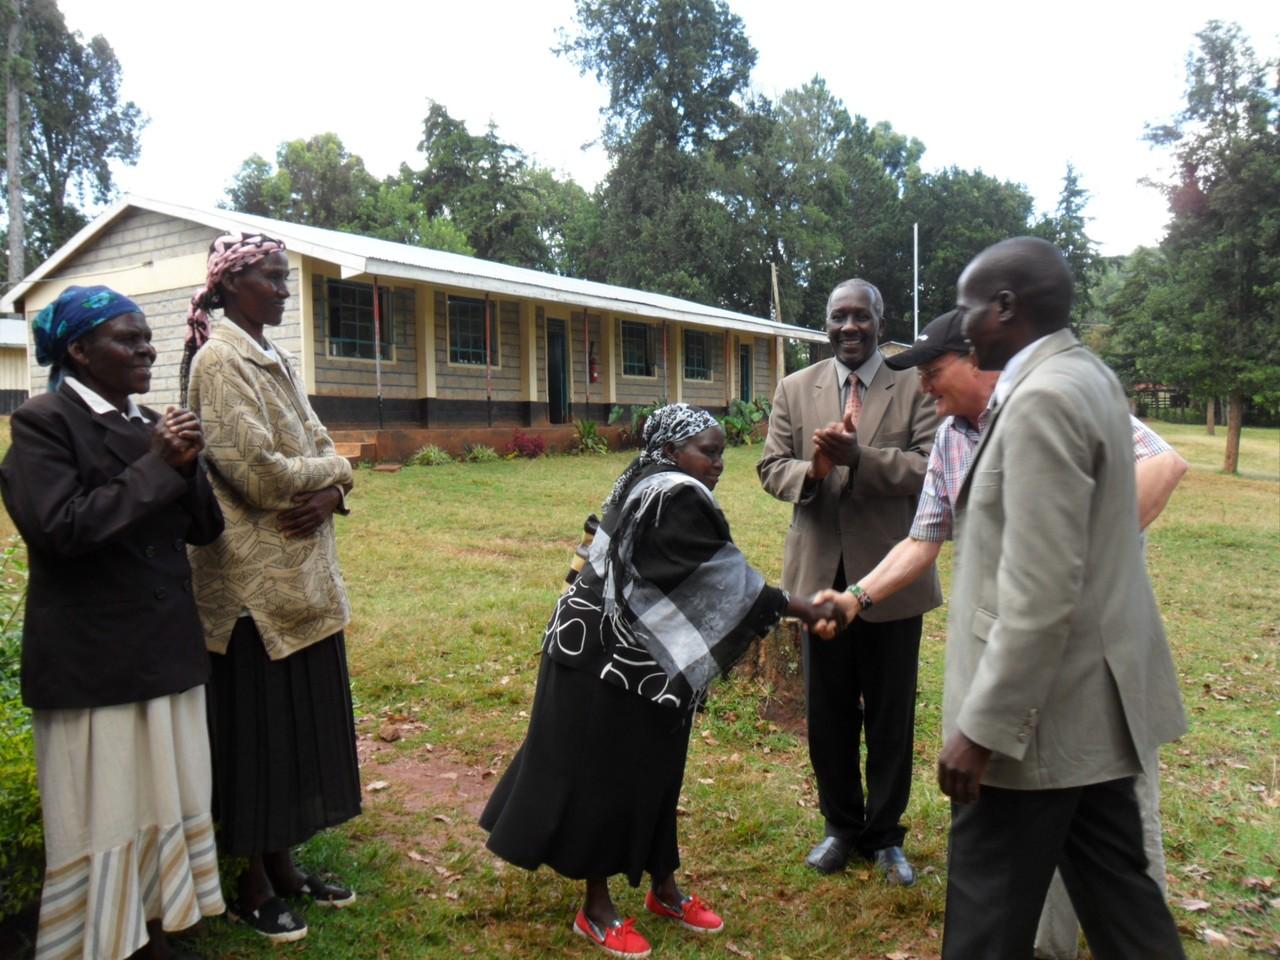 Besuch bei einer der Landfrauengruppen in der Region.